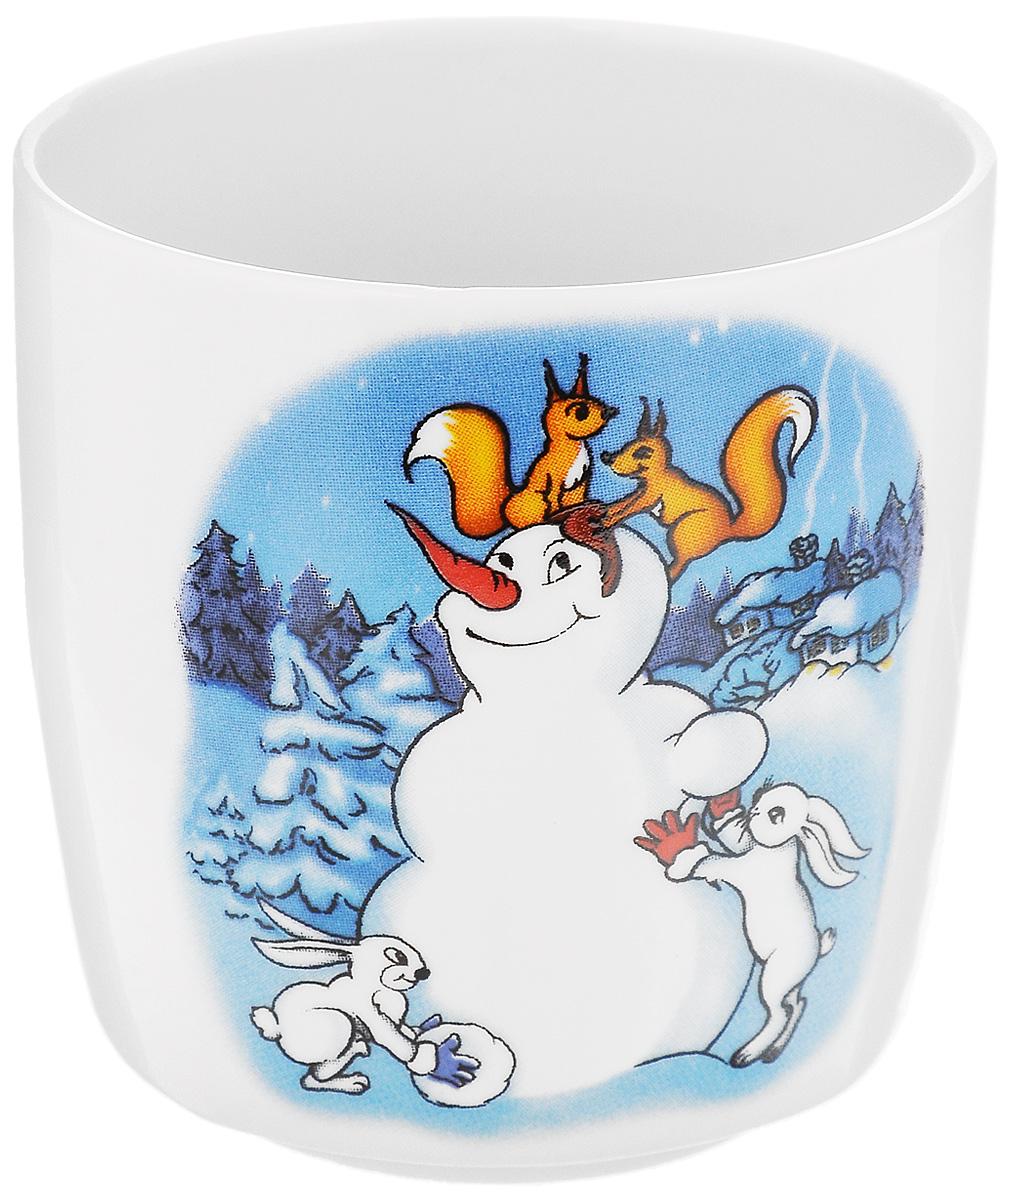 Стакан Фарфор Вербилок Снеговик с белками и зайчиками, 210 мл28782140_снеговик, белки, зайчикиСтакан Фарфор Вербилок Снеговик с белками и зайчиками изготовлен из высококачественного фарфора. Он прекрасно подойдет для горячих и холодных напитков. Такой стакан отлично дополнит вашу коллекцию кухонной посуды и порадует вас ярким дизайном и практичностью. Диаметр стакана по верхнему краю: 7 см. Высота стенки: 7,5 см.